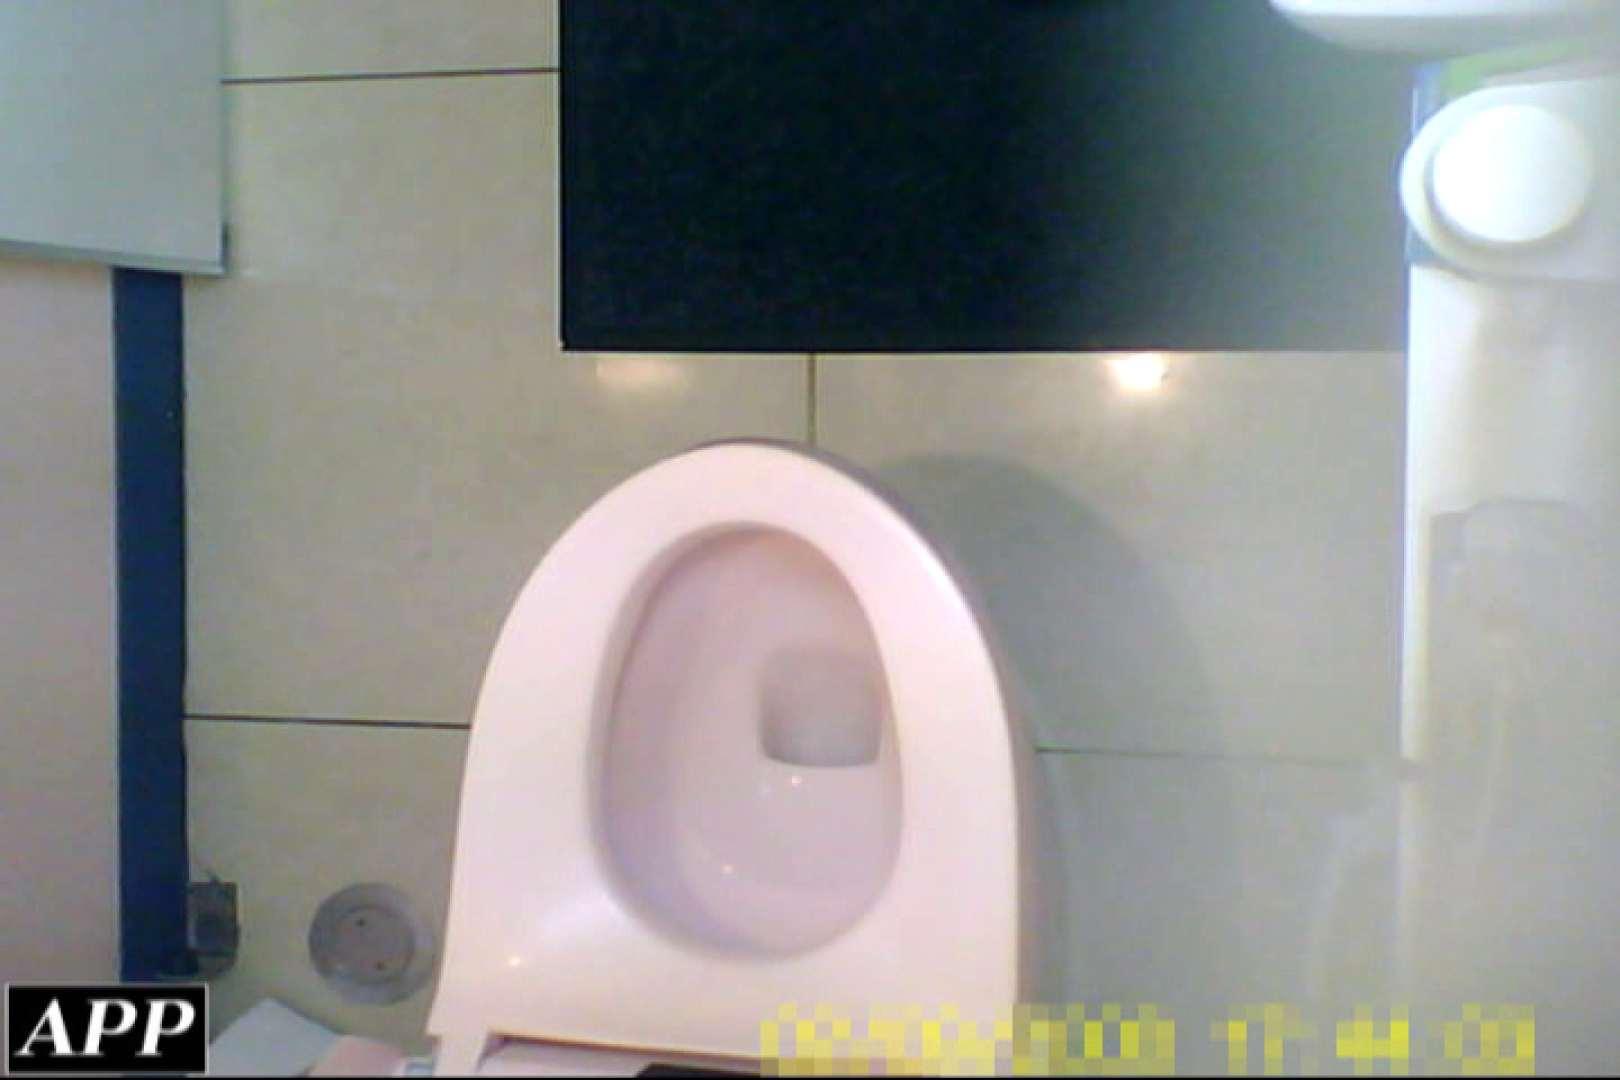 3視点洗面所 vol.09 オマンコ大好き エロ画像 106画像 20